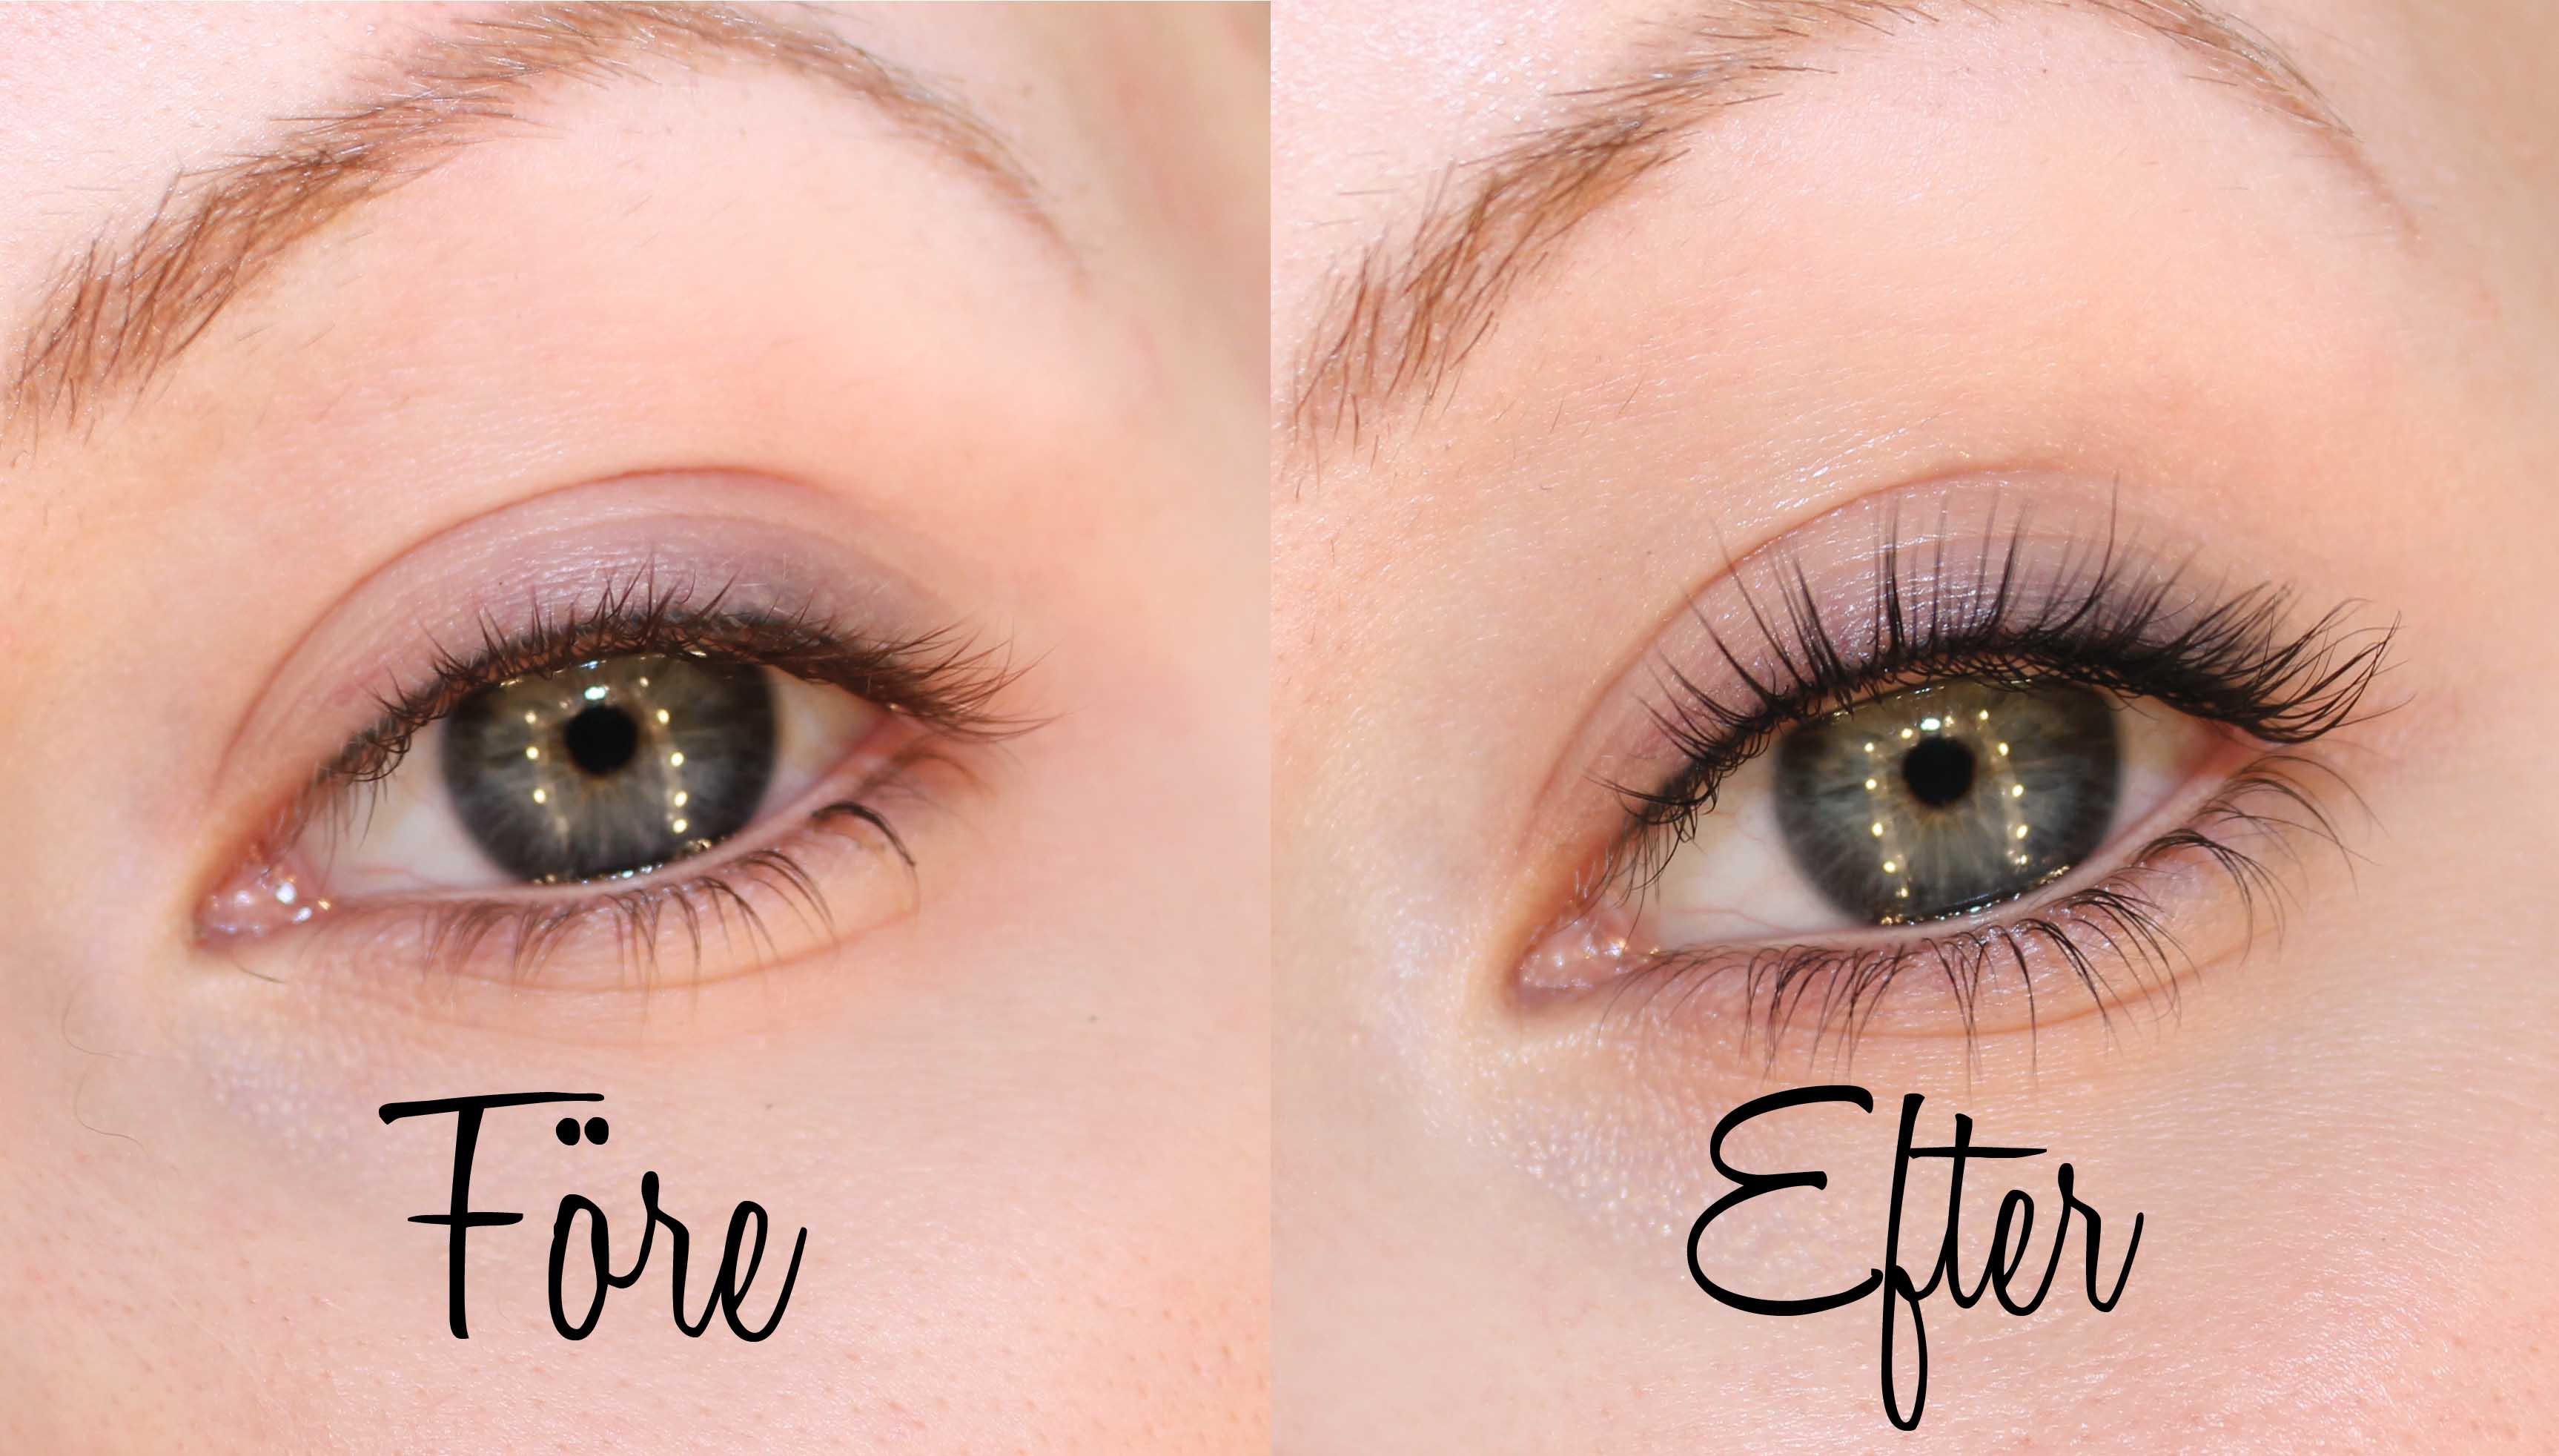 hur får man långa ögonfransar